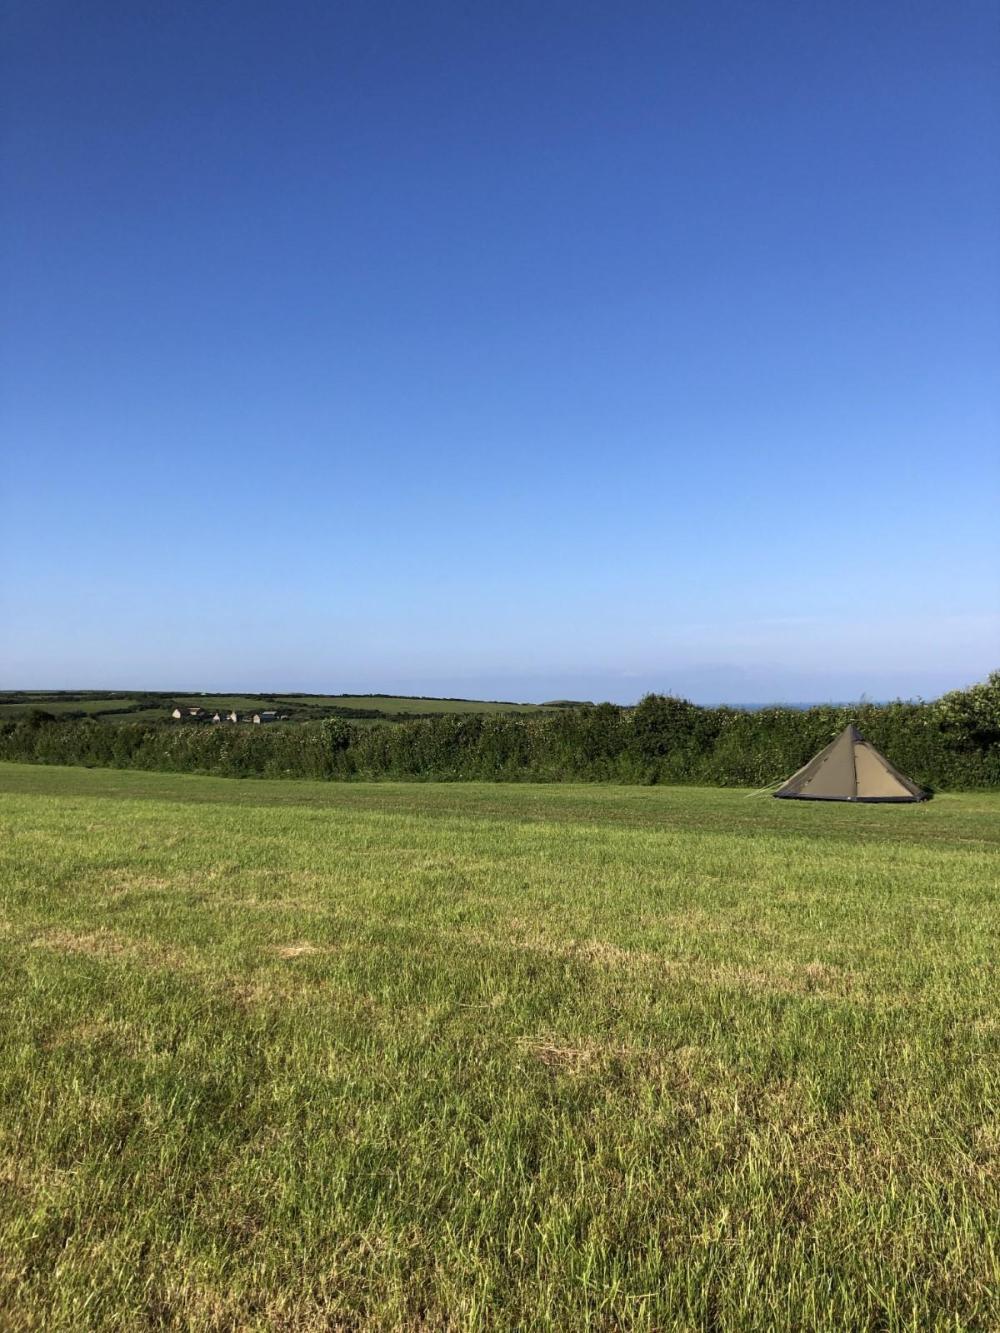 Splodz Blogz | Camping in the Robens Greencone